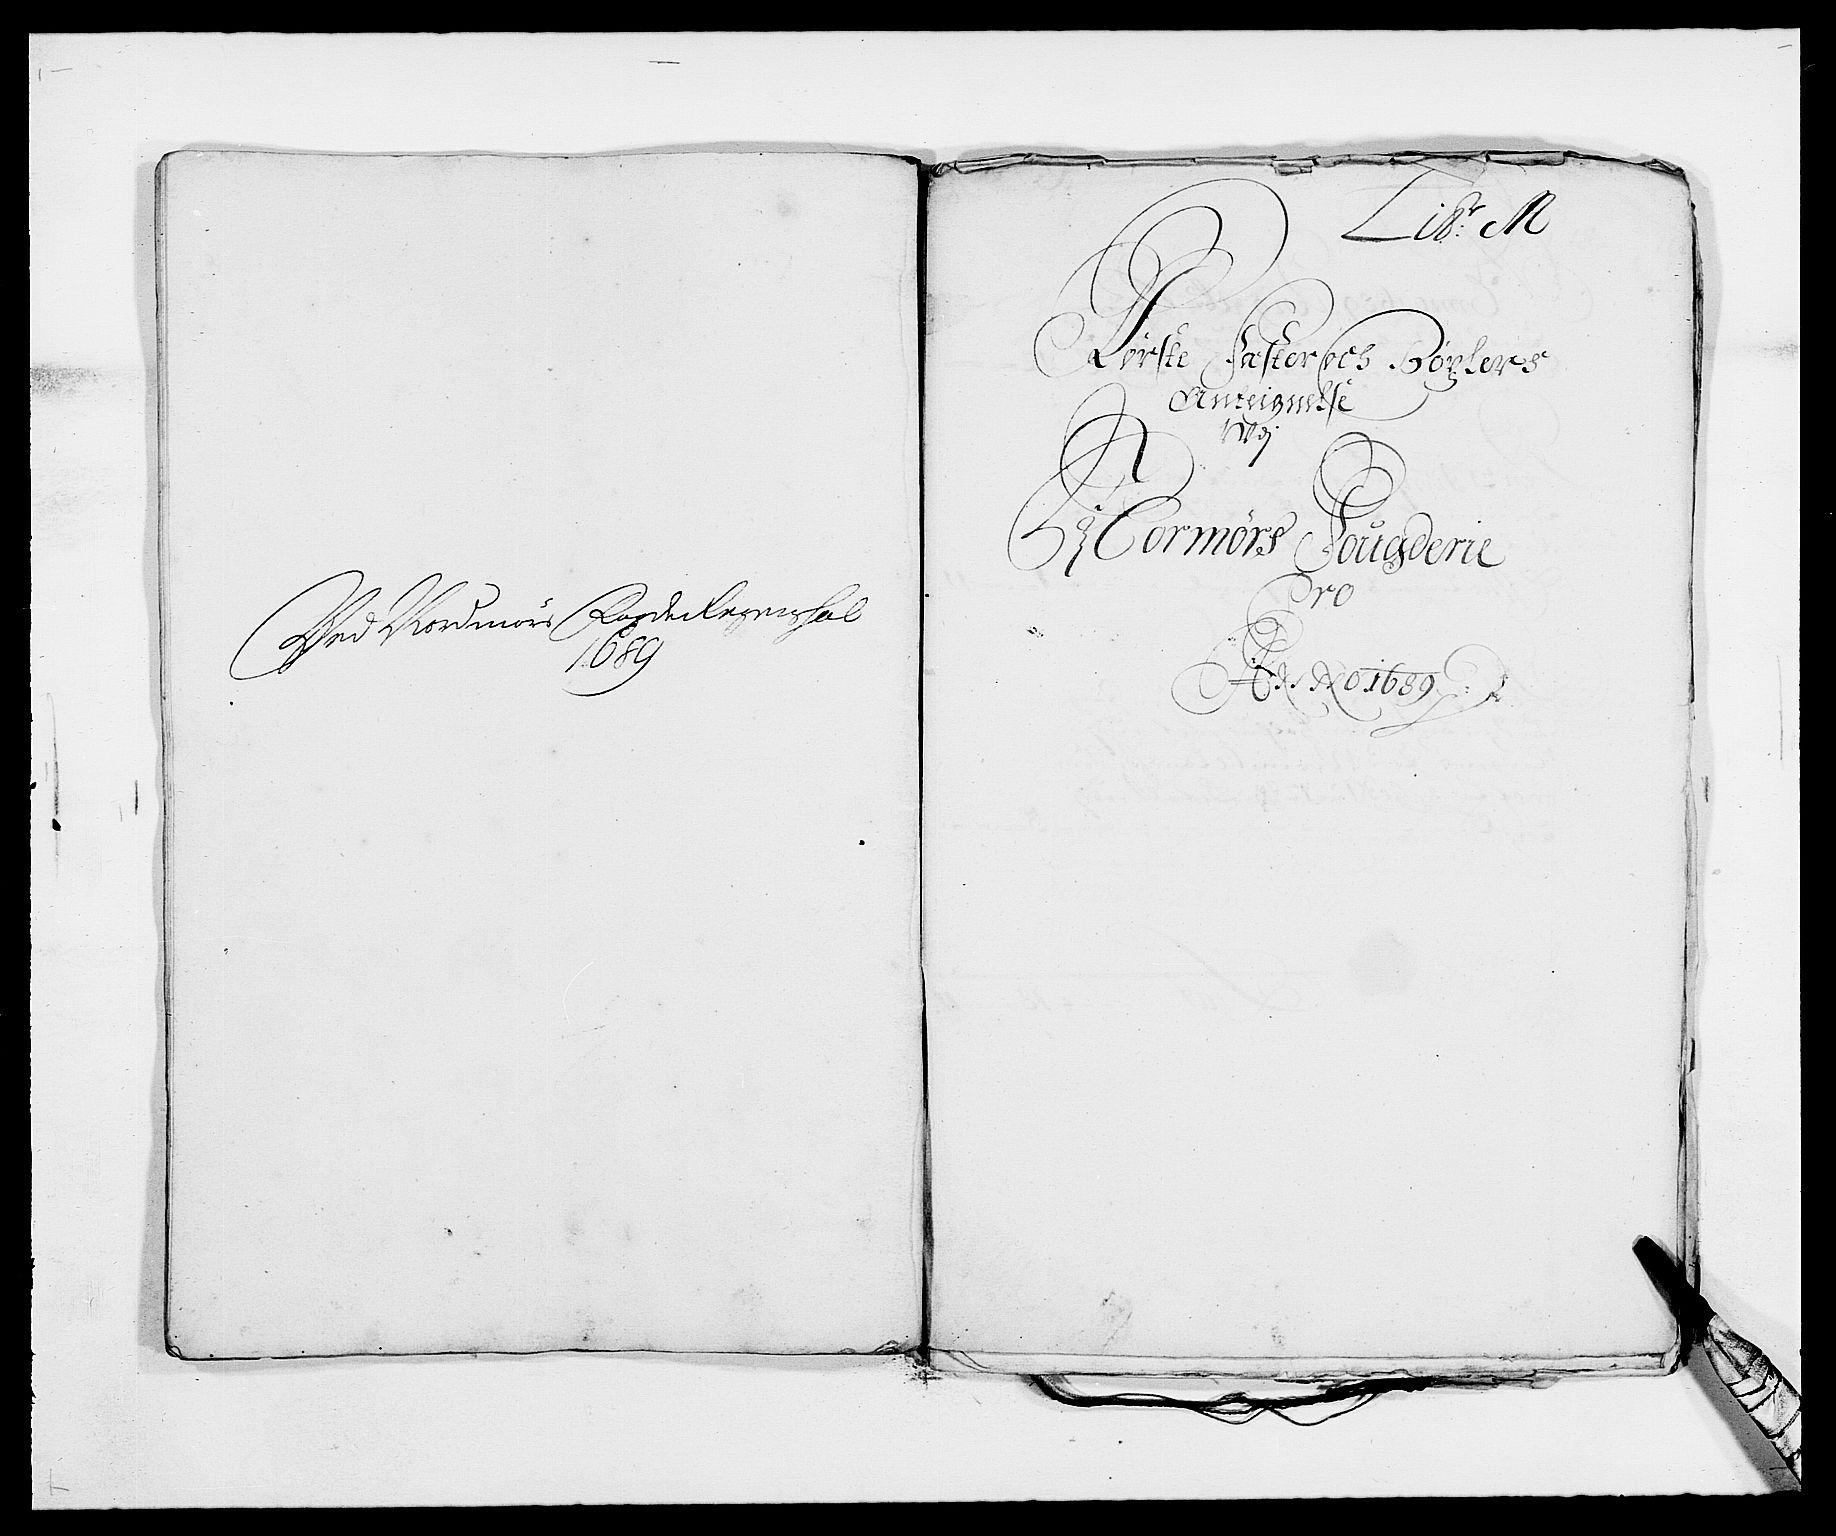 RA, Rentekammeret inntil 1814, Reviderte regnskaper, Fogderegnskap, R56/L3733: Fogderegnskap Nordmøre, 1687-1689, s. 450